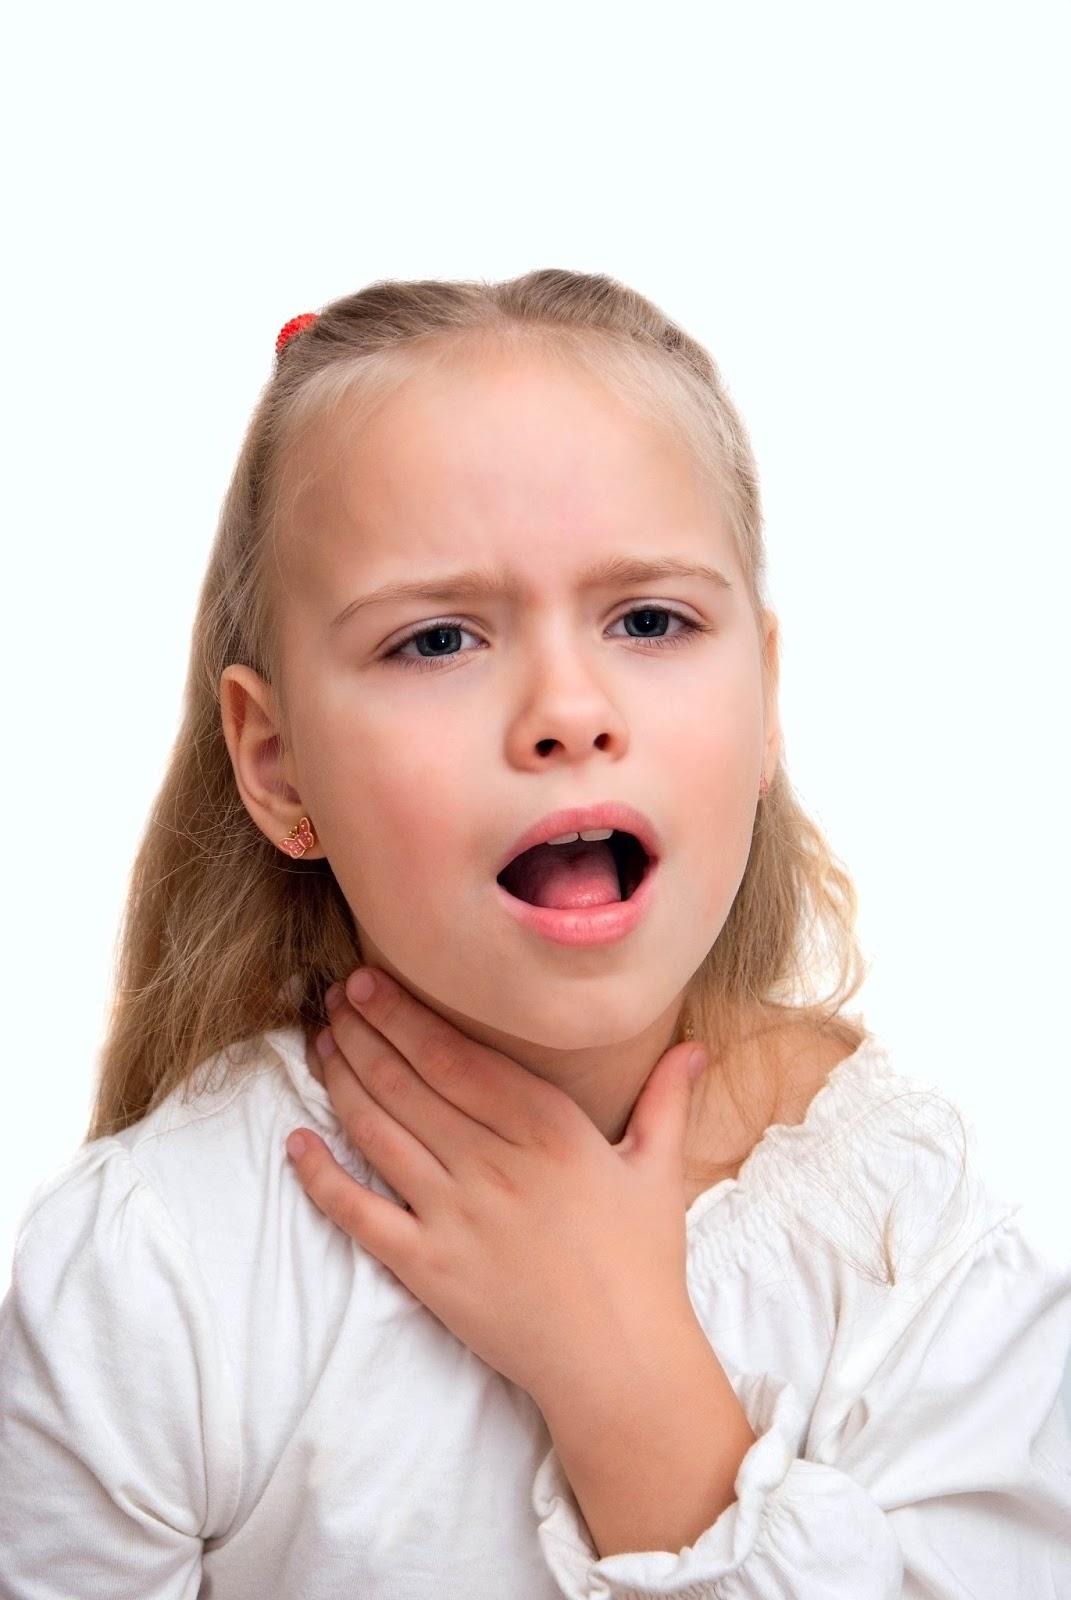 Boğazın hidrojen peroksit ile durulanması yararlı mıdır